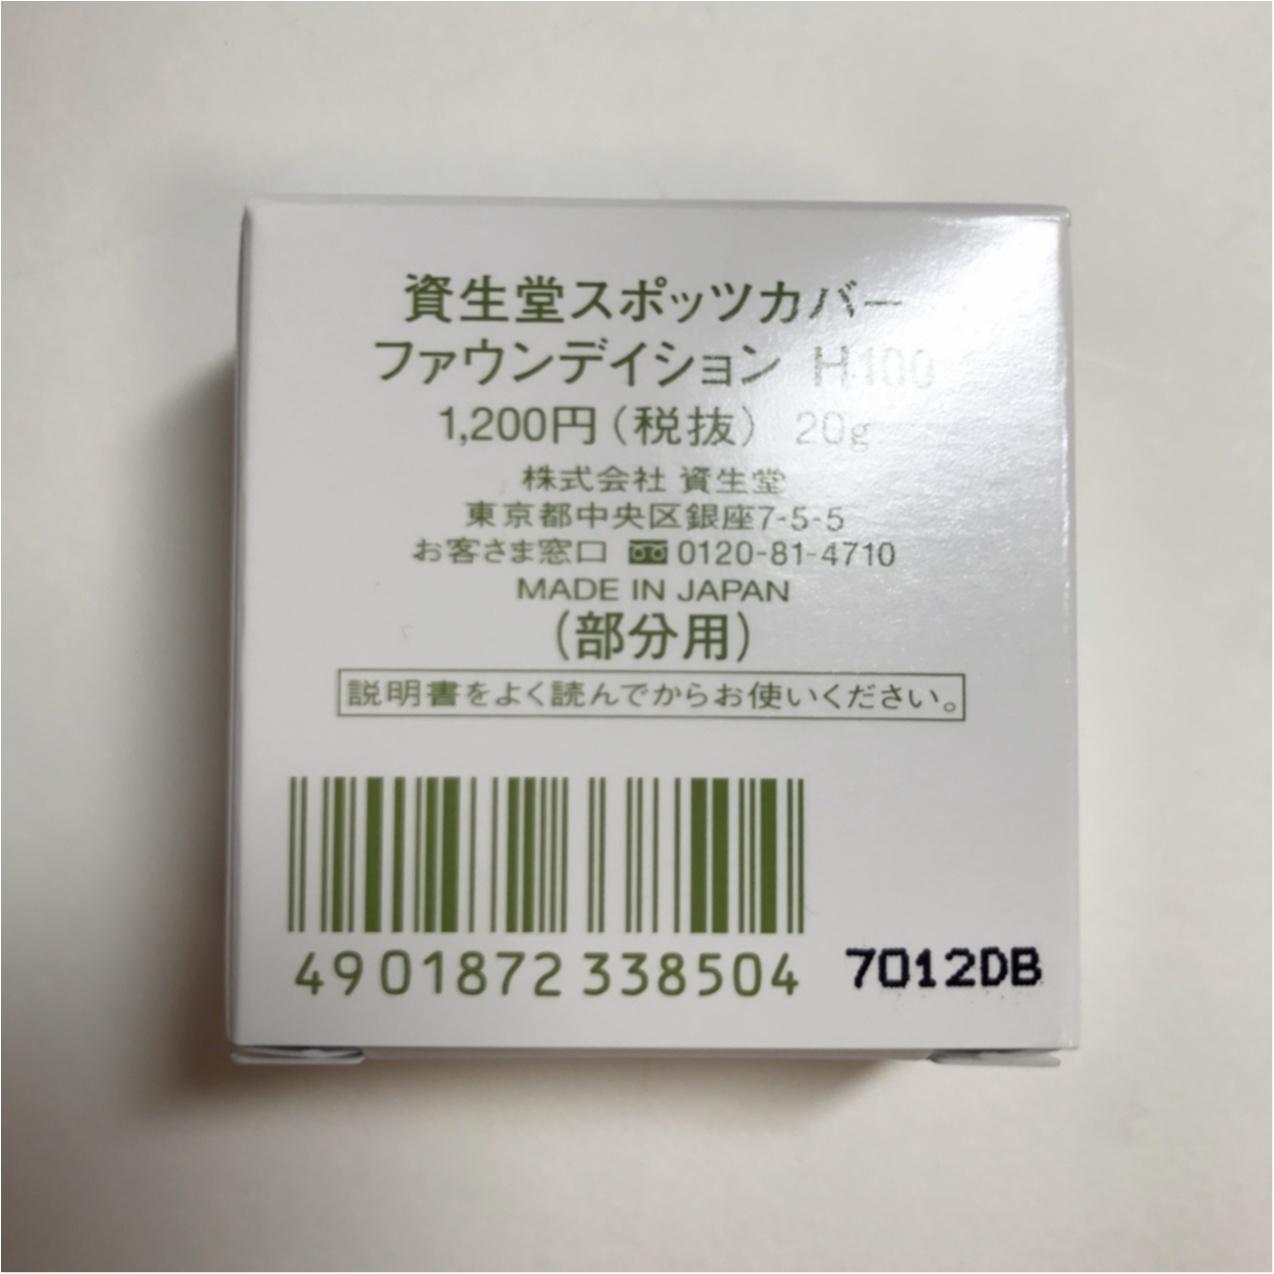 1980年発売のロングセラー!カバー力抜群&ヨレにくい☆やっと出会えた《運命のコンシーラー》_6